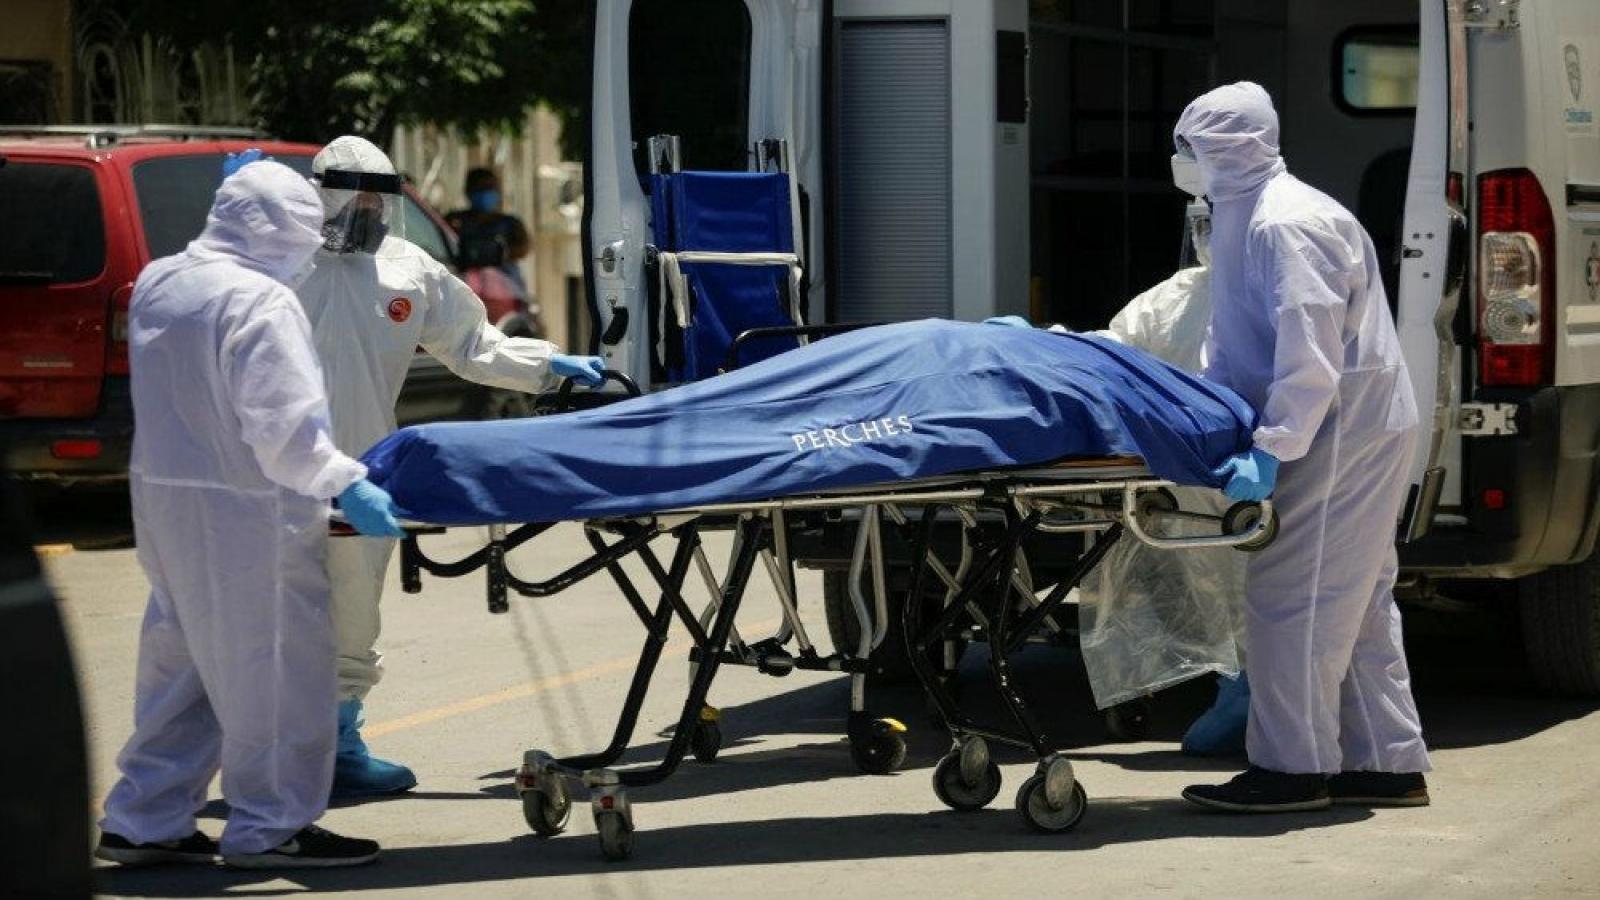 Số ca tử vong Covid-19 ở Mỹ trong 1 ngày cao hơn số người chết vụ 11/9